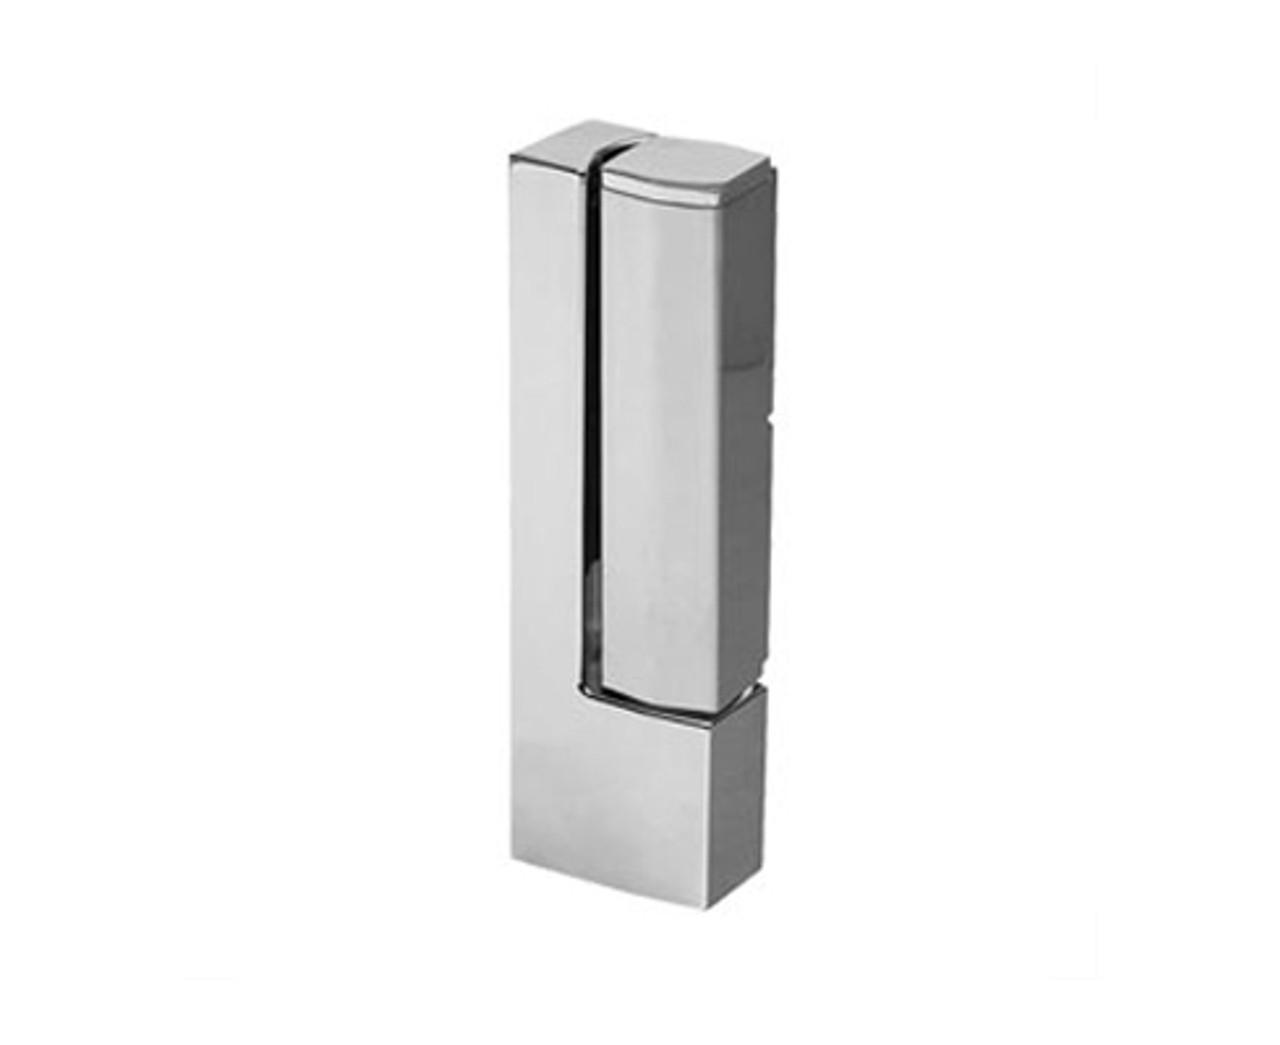 Kason-1467R-Double-Adjustable-Hinge-11467R00014